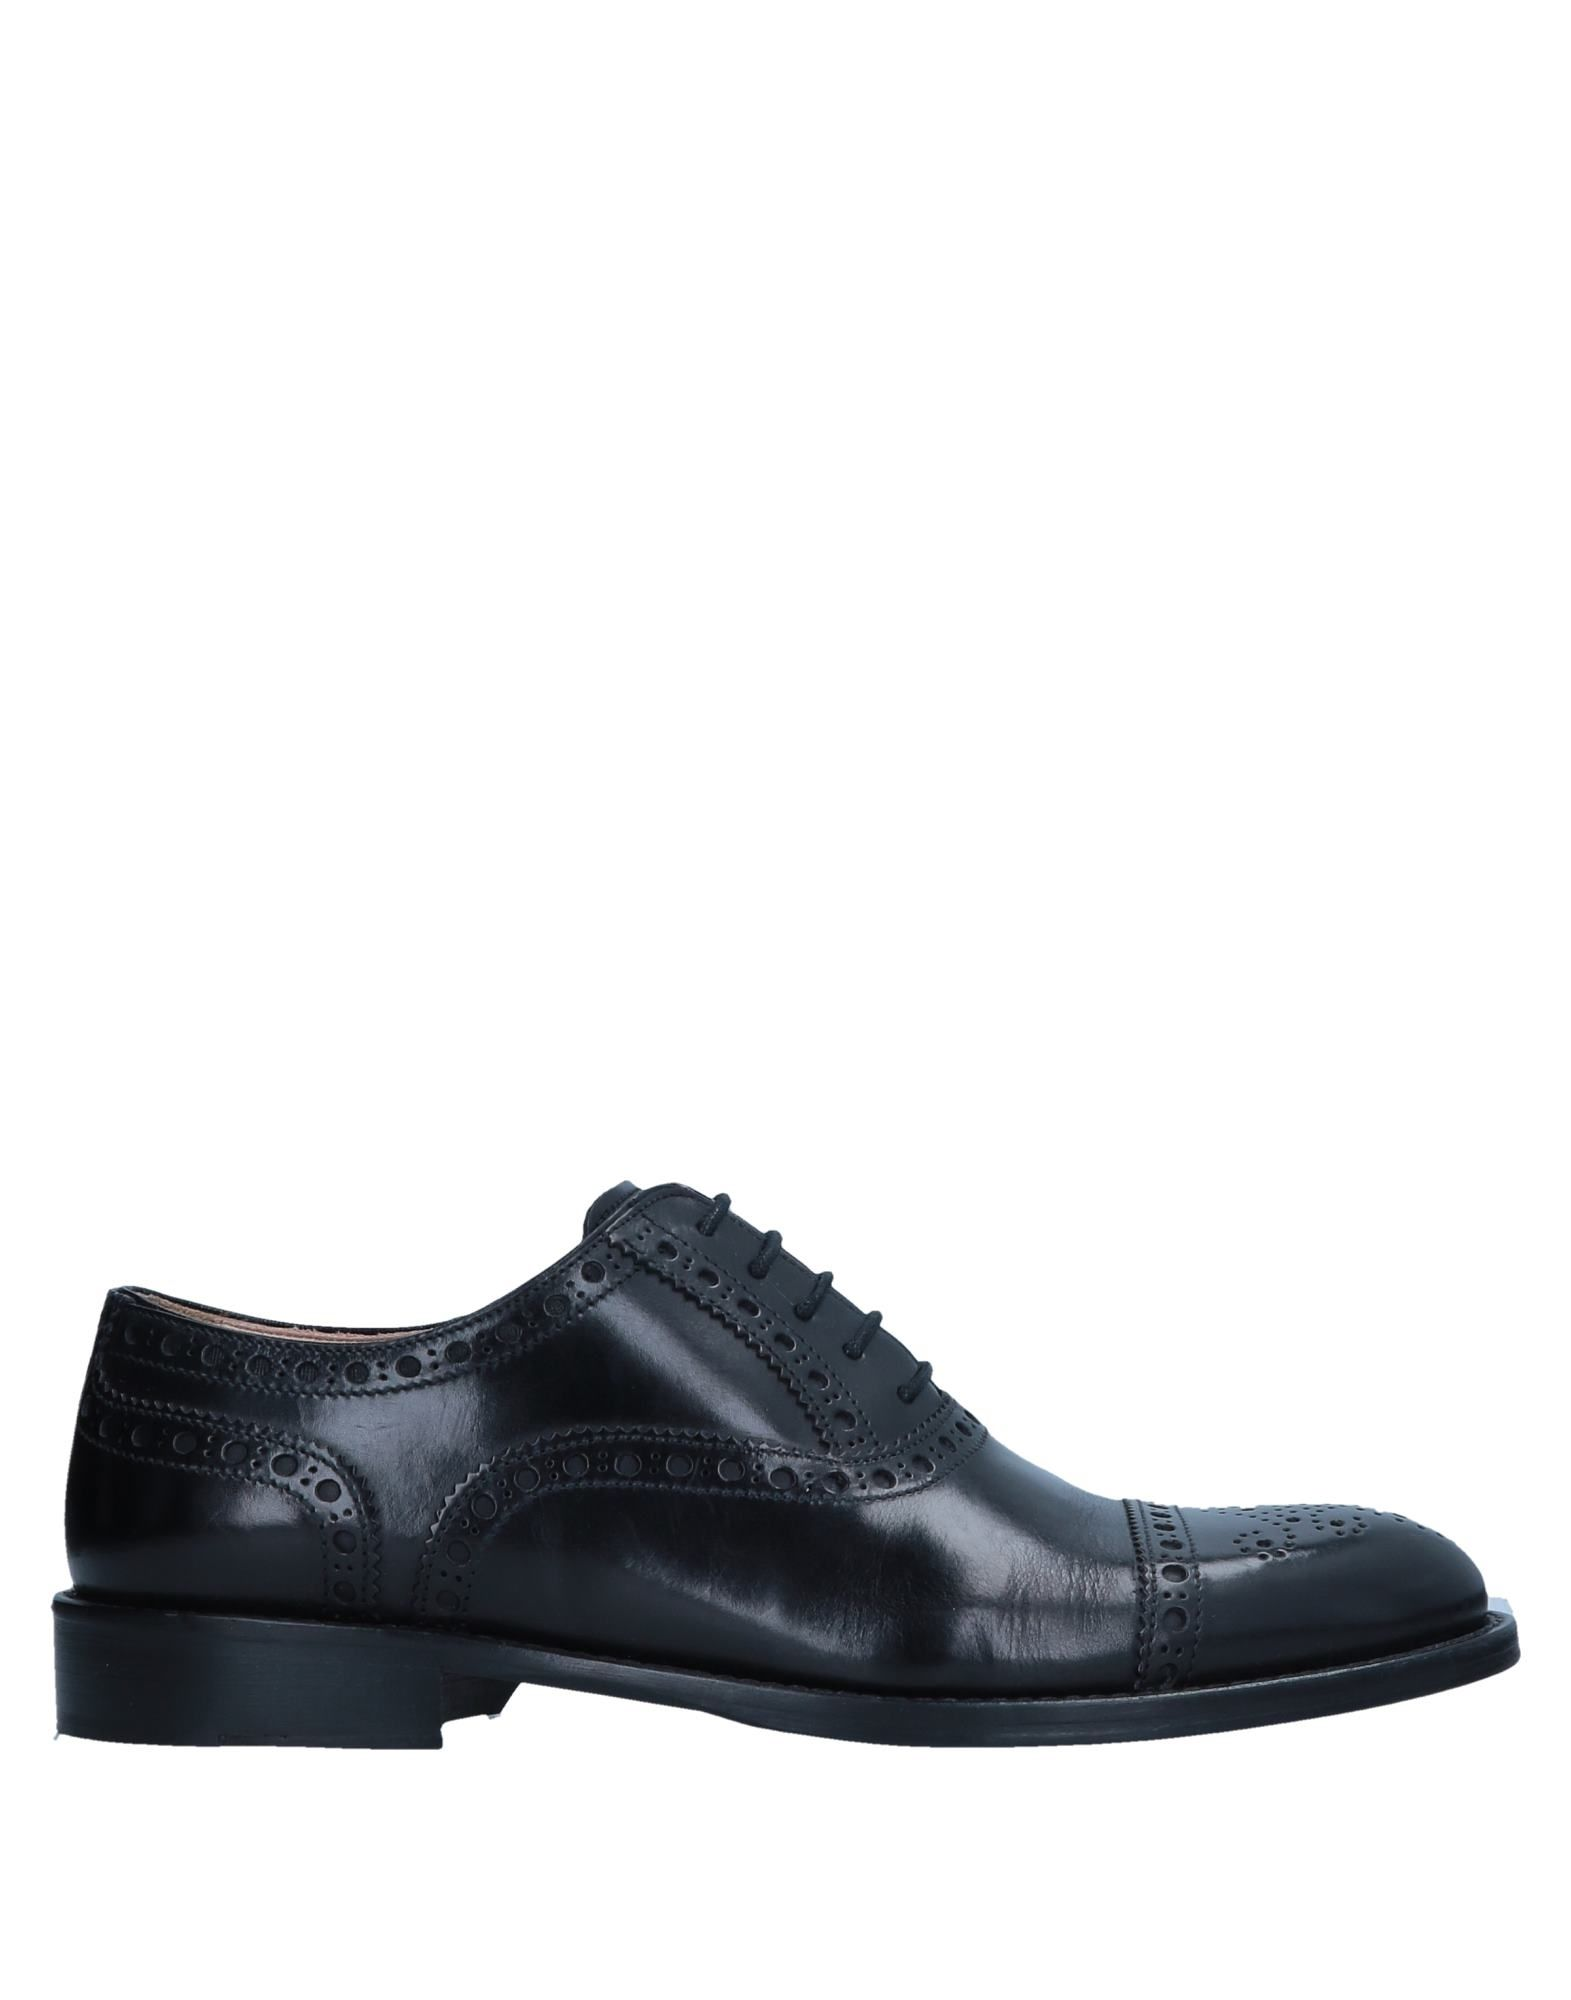 Alexander Trend Schnürschuhe Herren  11559468QG Gute Qualität beliebte Schuhe